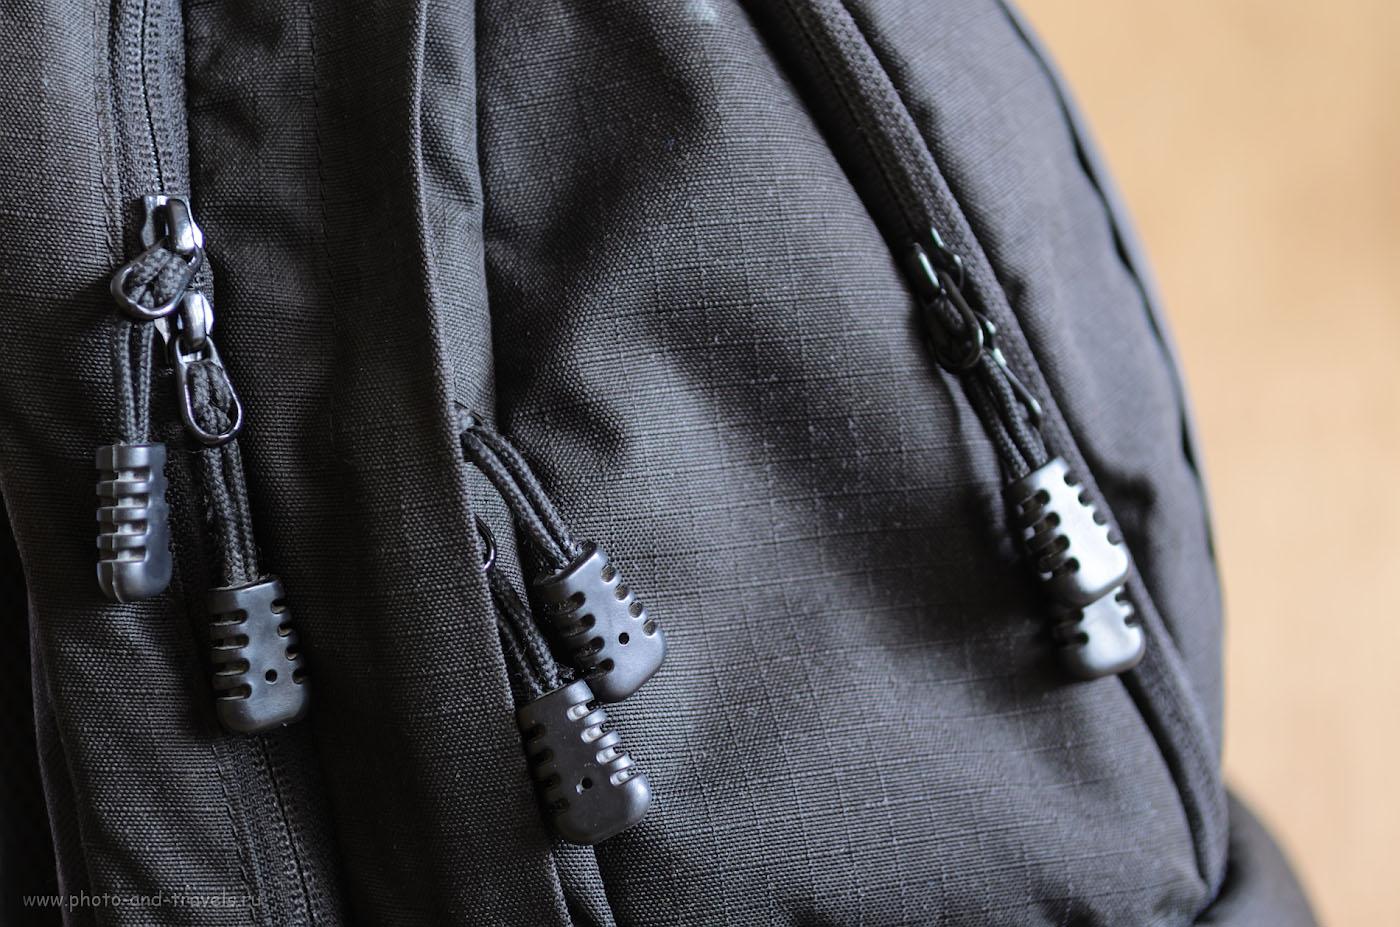 Фото 16. У фоторюкзака должны быть долговечные застежки, способные выдержать частые закрытия и раскрытия отсеков.